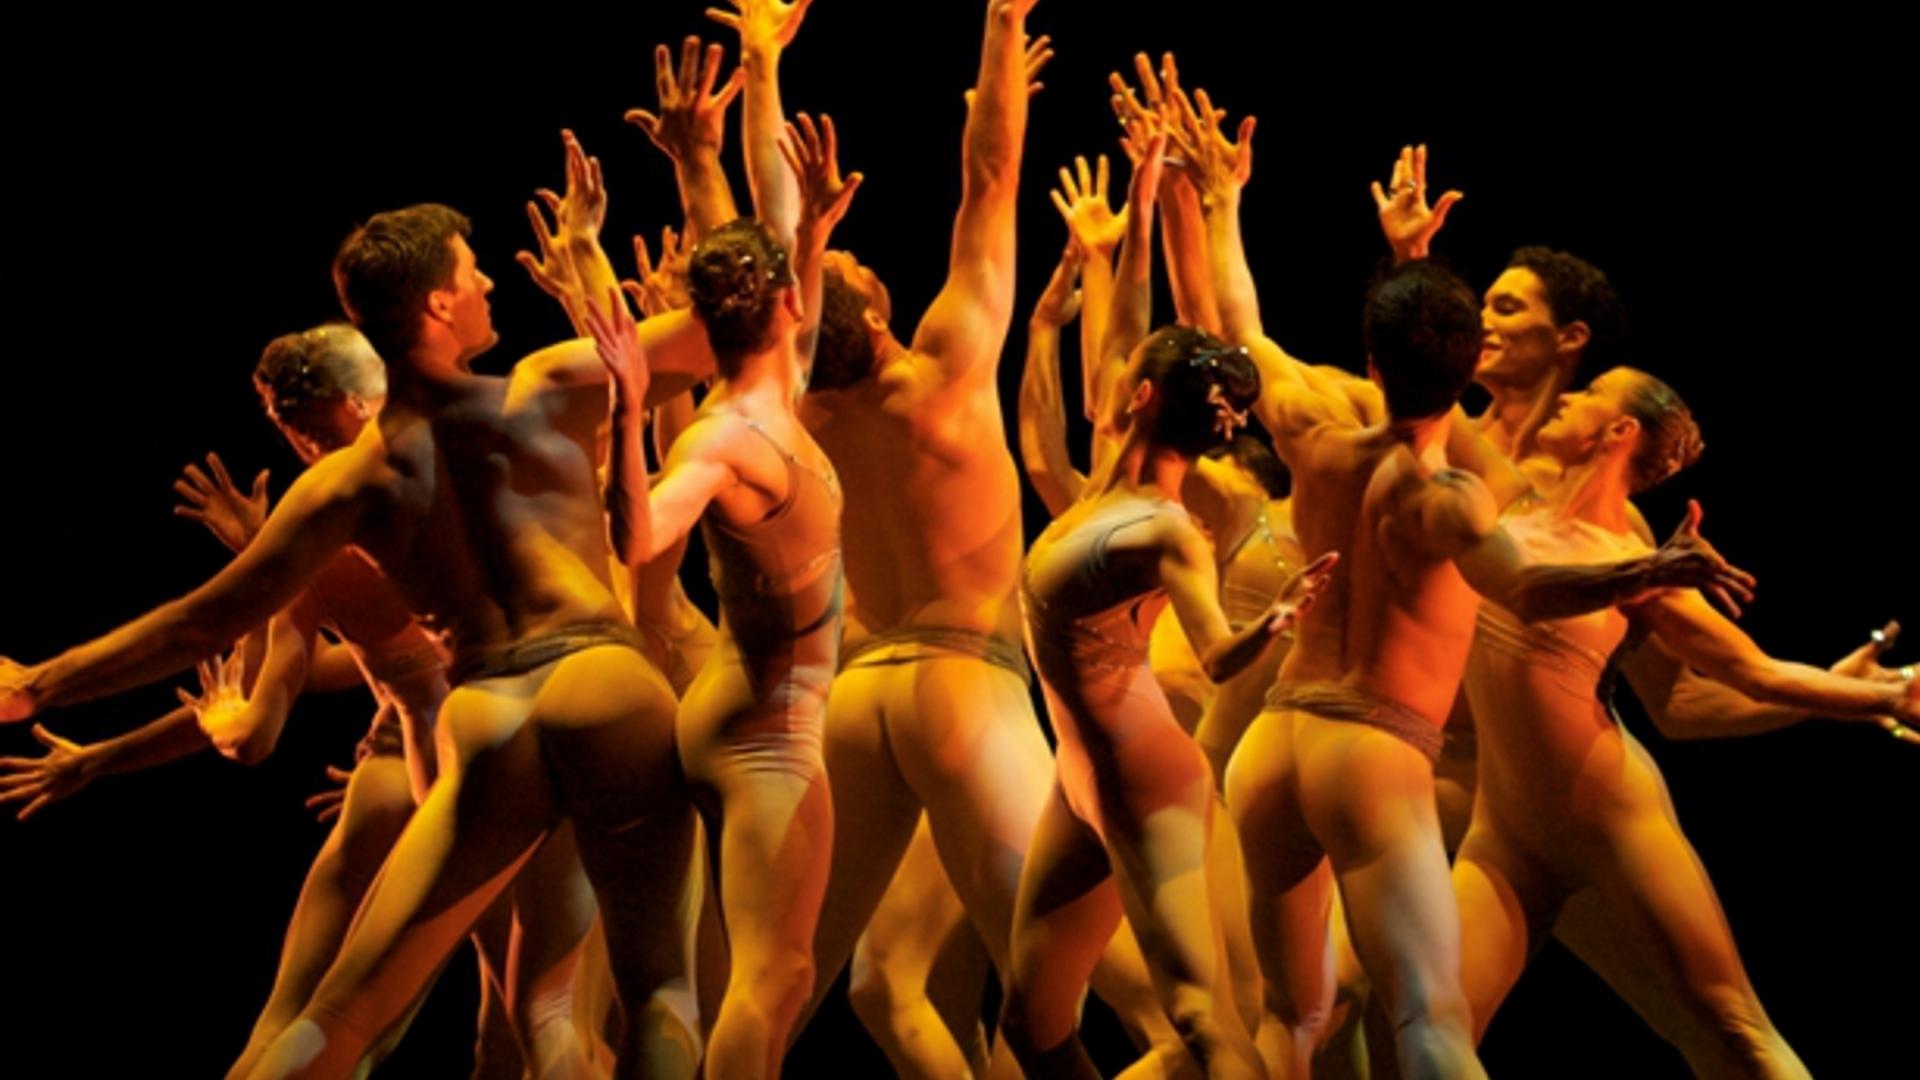 Танцующие Голые